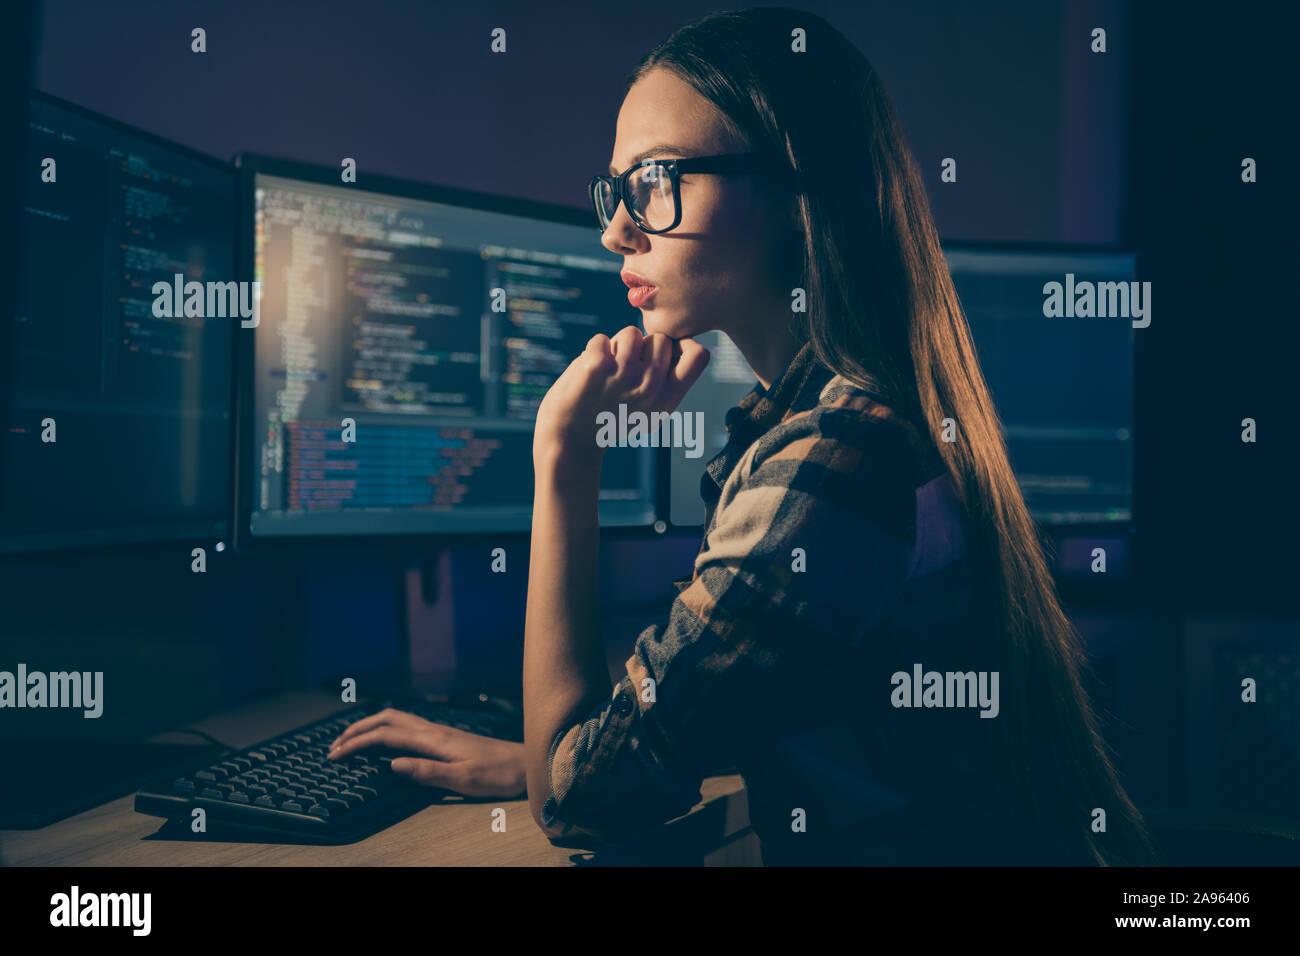 El perfil lateral foto de adivinar el pensamiento inteligente mujer que trabaja en el turno nocturno en lugar de su colega, el administrador del sistema Foto de stock